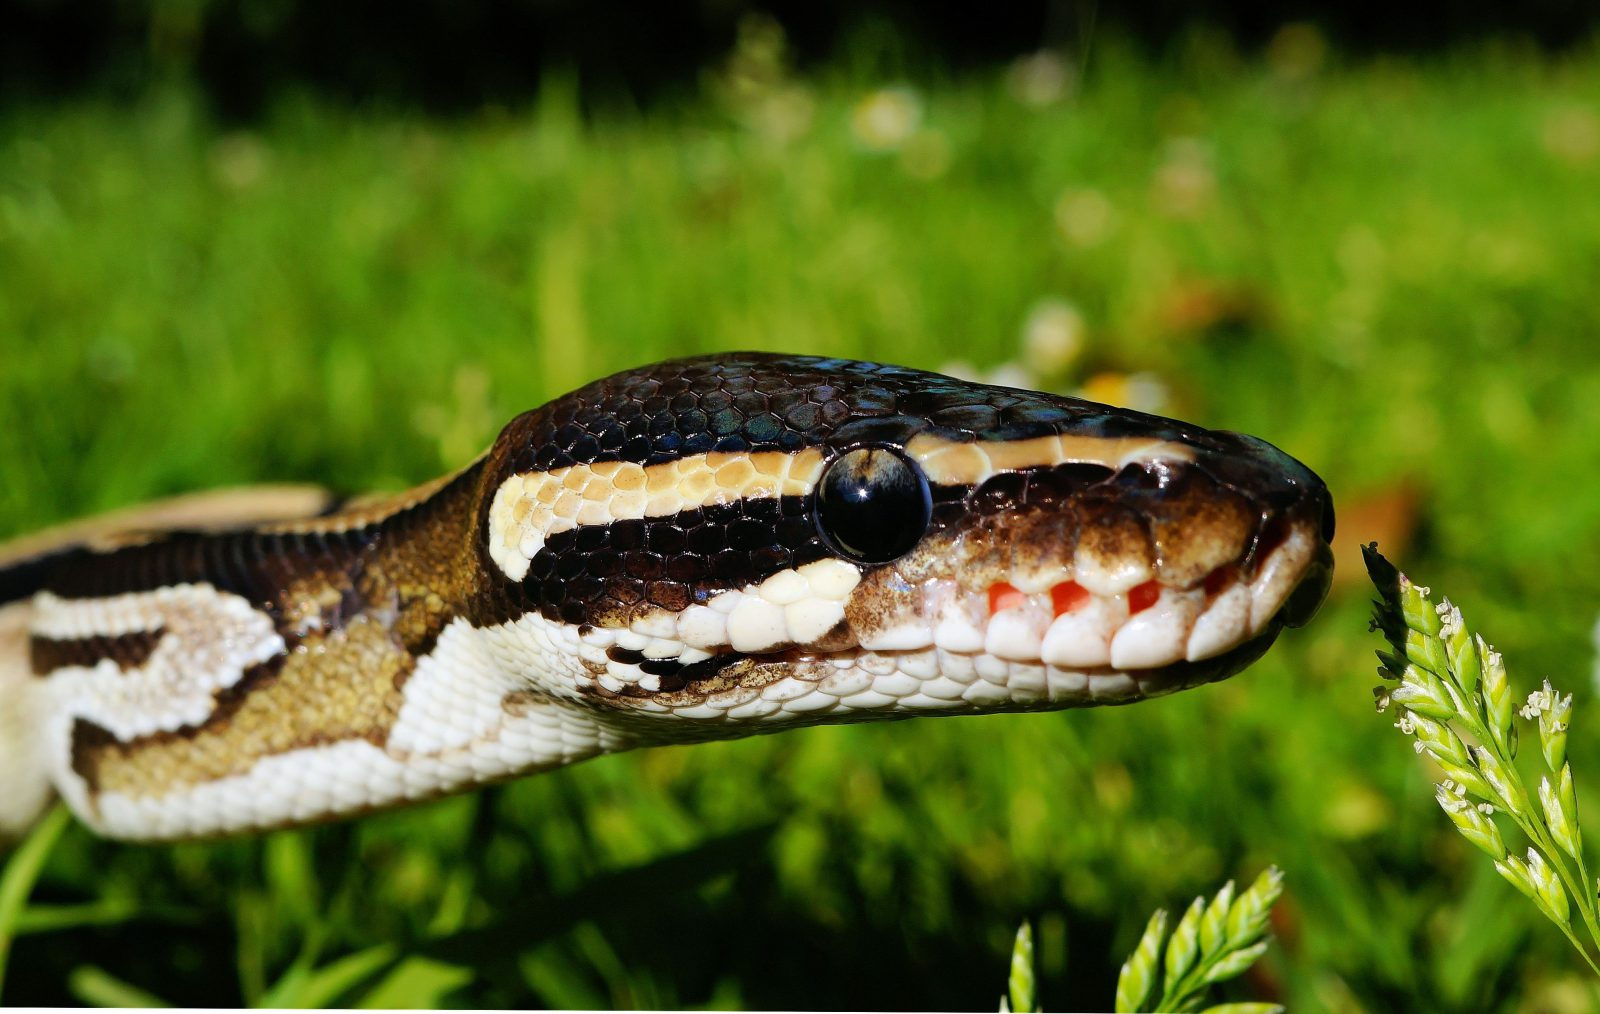 Há alguns procedimentos a ser tomados em caso de picada de cobras venenosas.